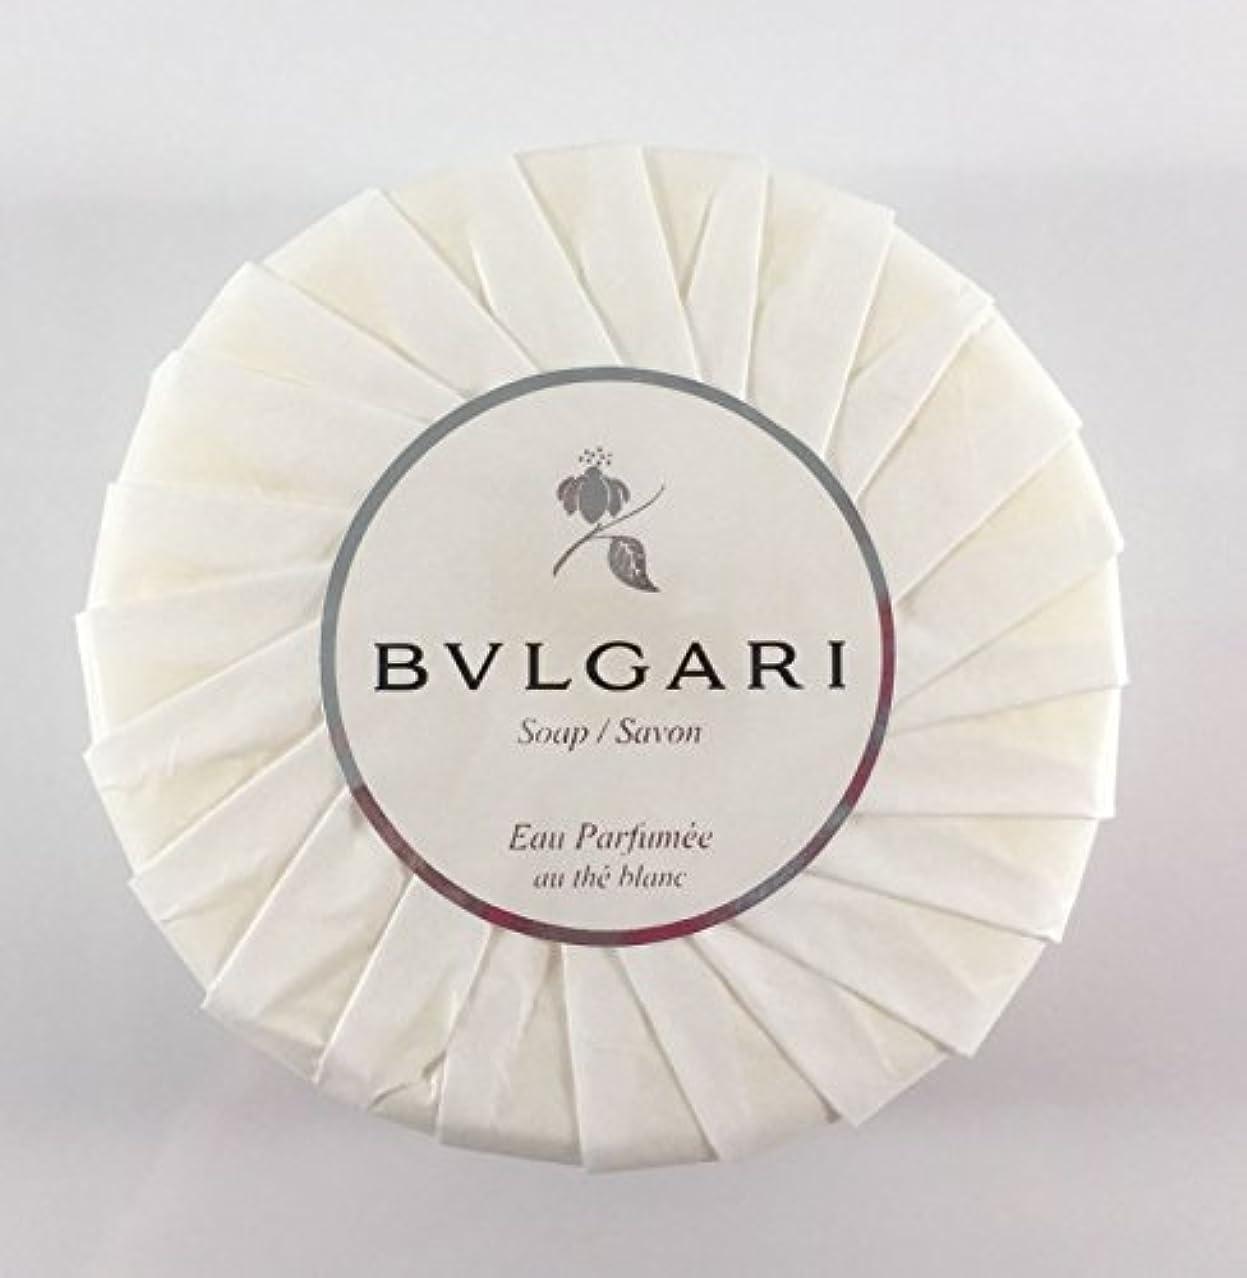 固体有料覚えているブルガリ オ?パフメ オーテブラン デラックスソープ150g BVLGARI Bvlgari Eau Parfumee au the blanc White Soap